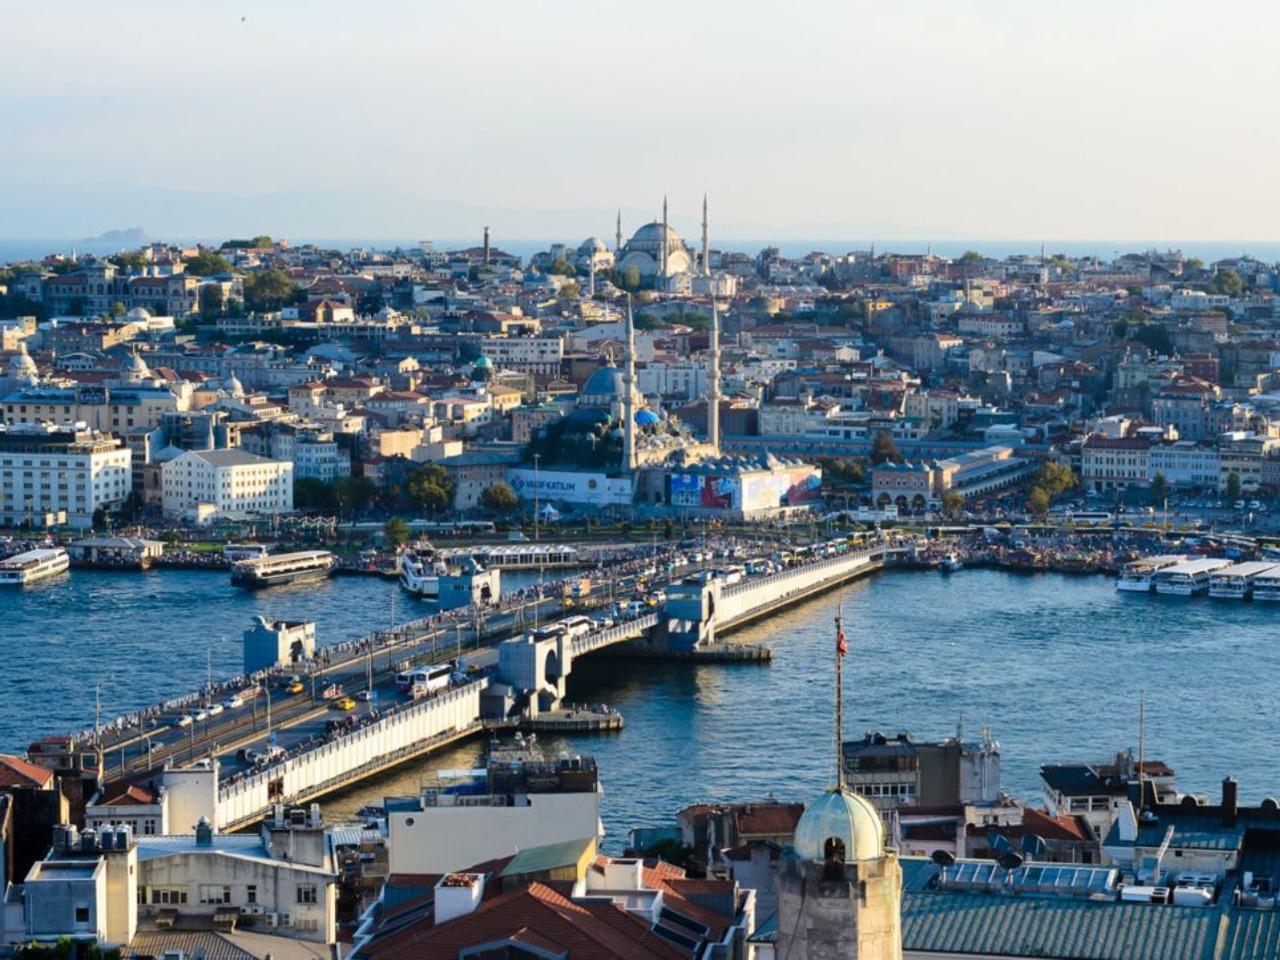 Обзорная экскурсия по Стамбулу в 15:15. Синий маршрут - групповая экскурсия в Стамбуле от опытного гида